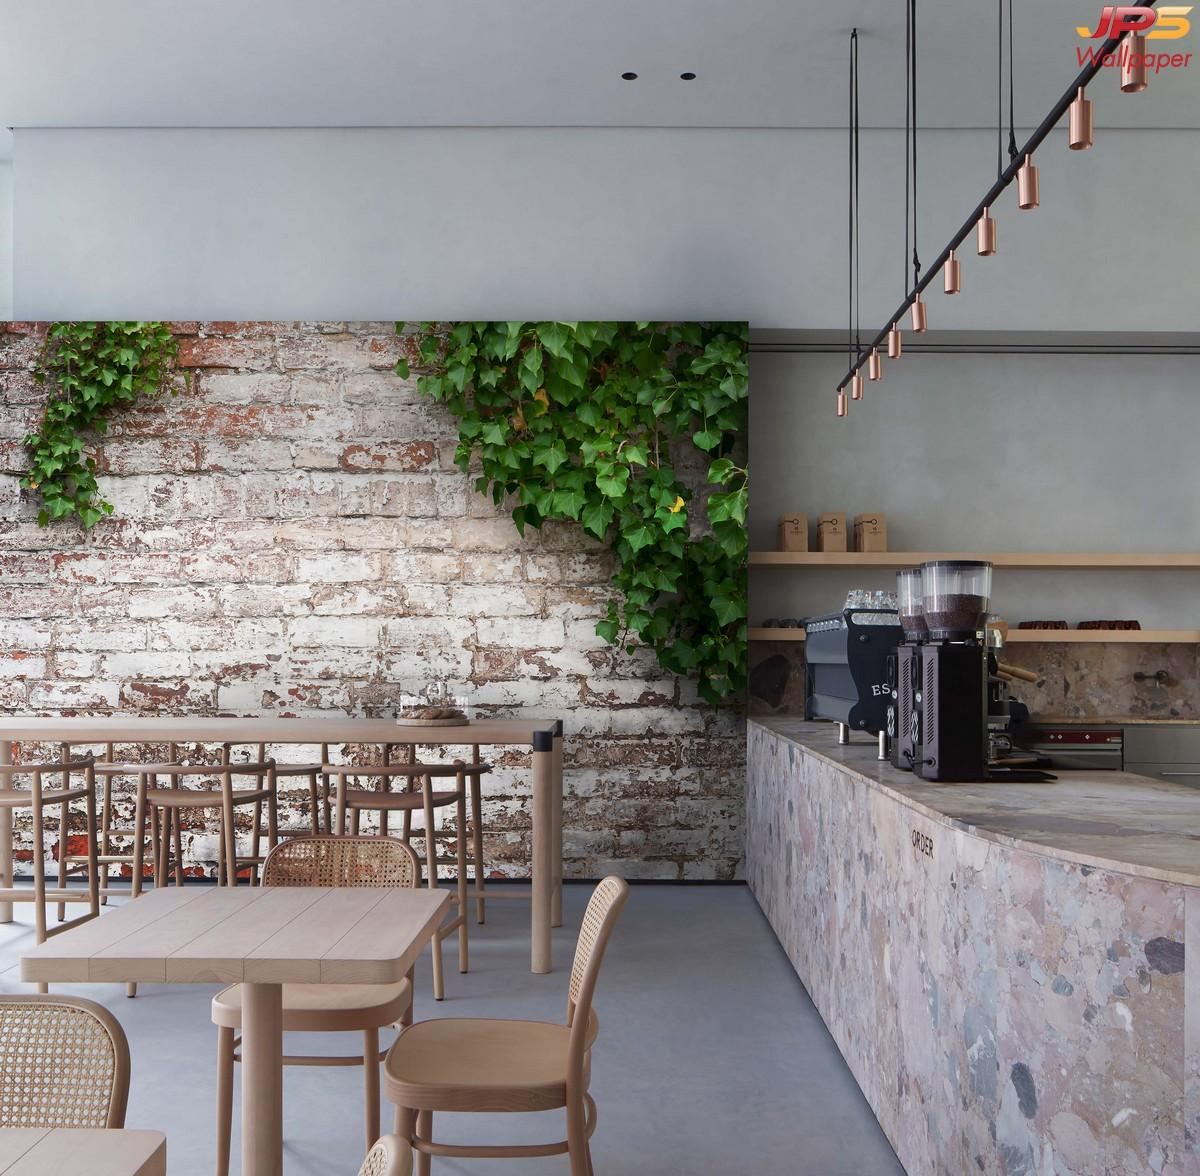 วอลเปเปอร์ติดผนังลายอิฐเผาTropical วอลเปเปอร์แต่งร้านกาแฟ แต่งผนังร้านกาแฟเท่ๆ แต่งผนังร้านกาแฟธรรมชาติ